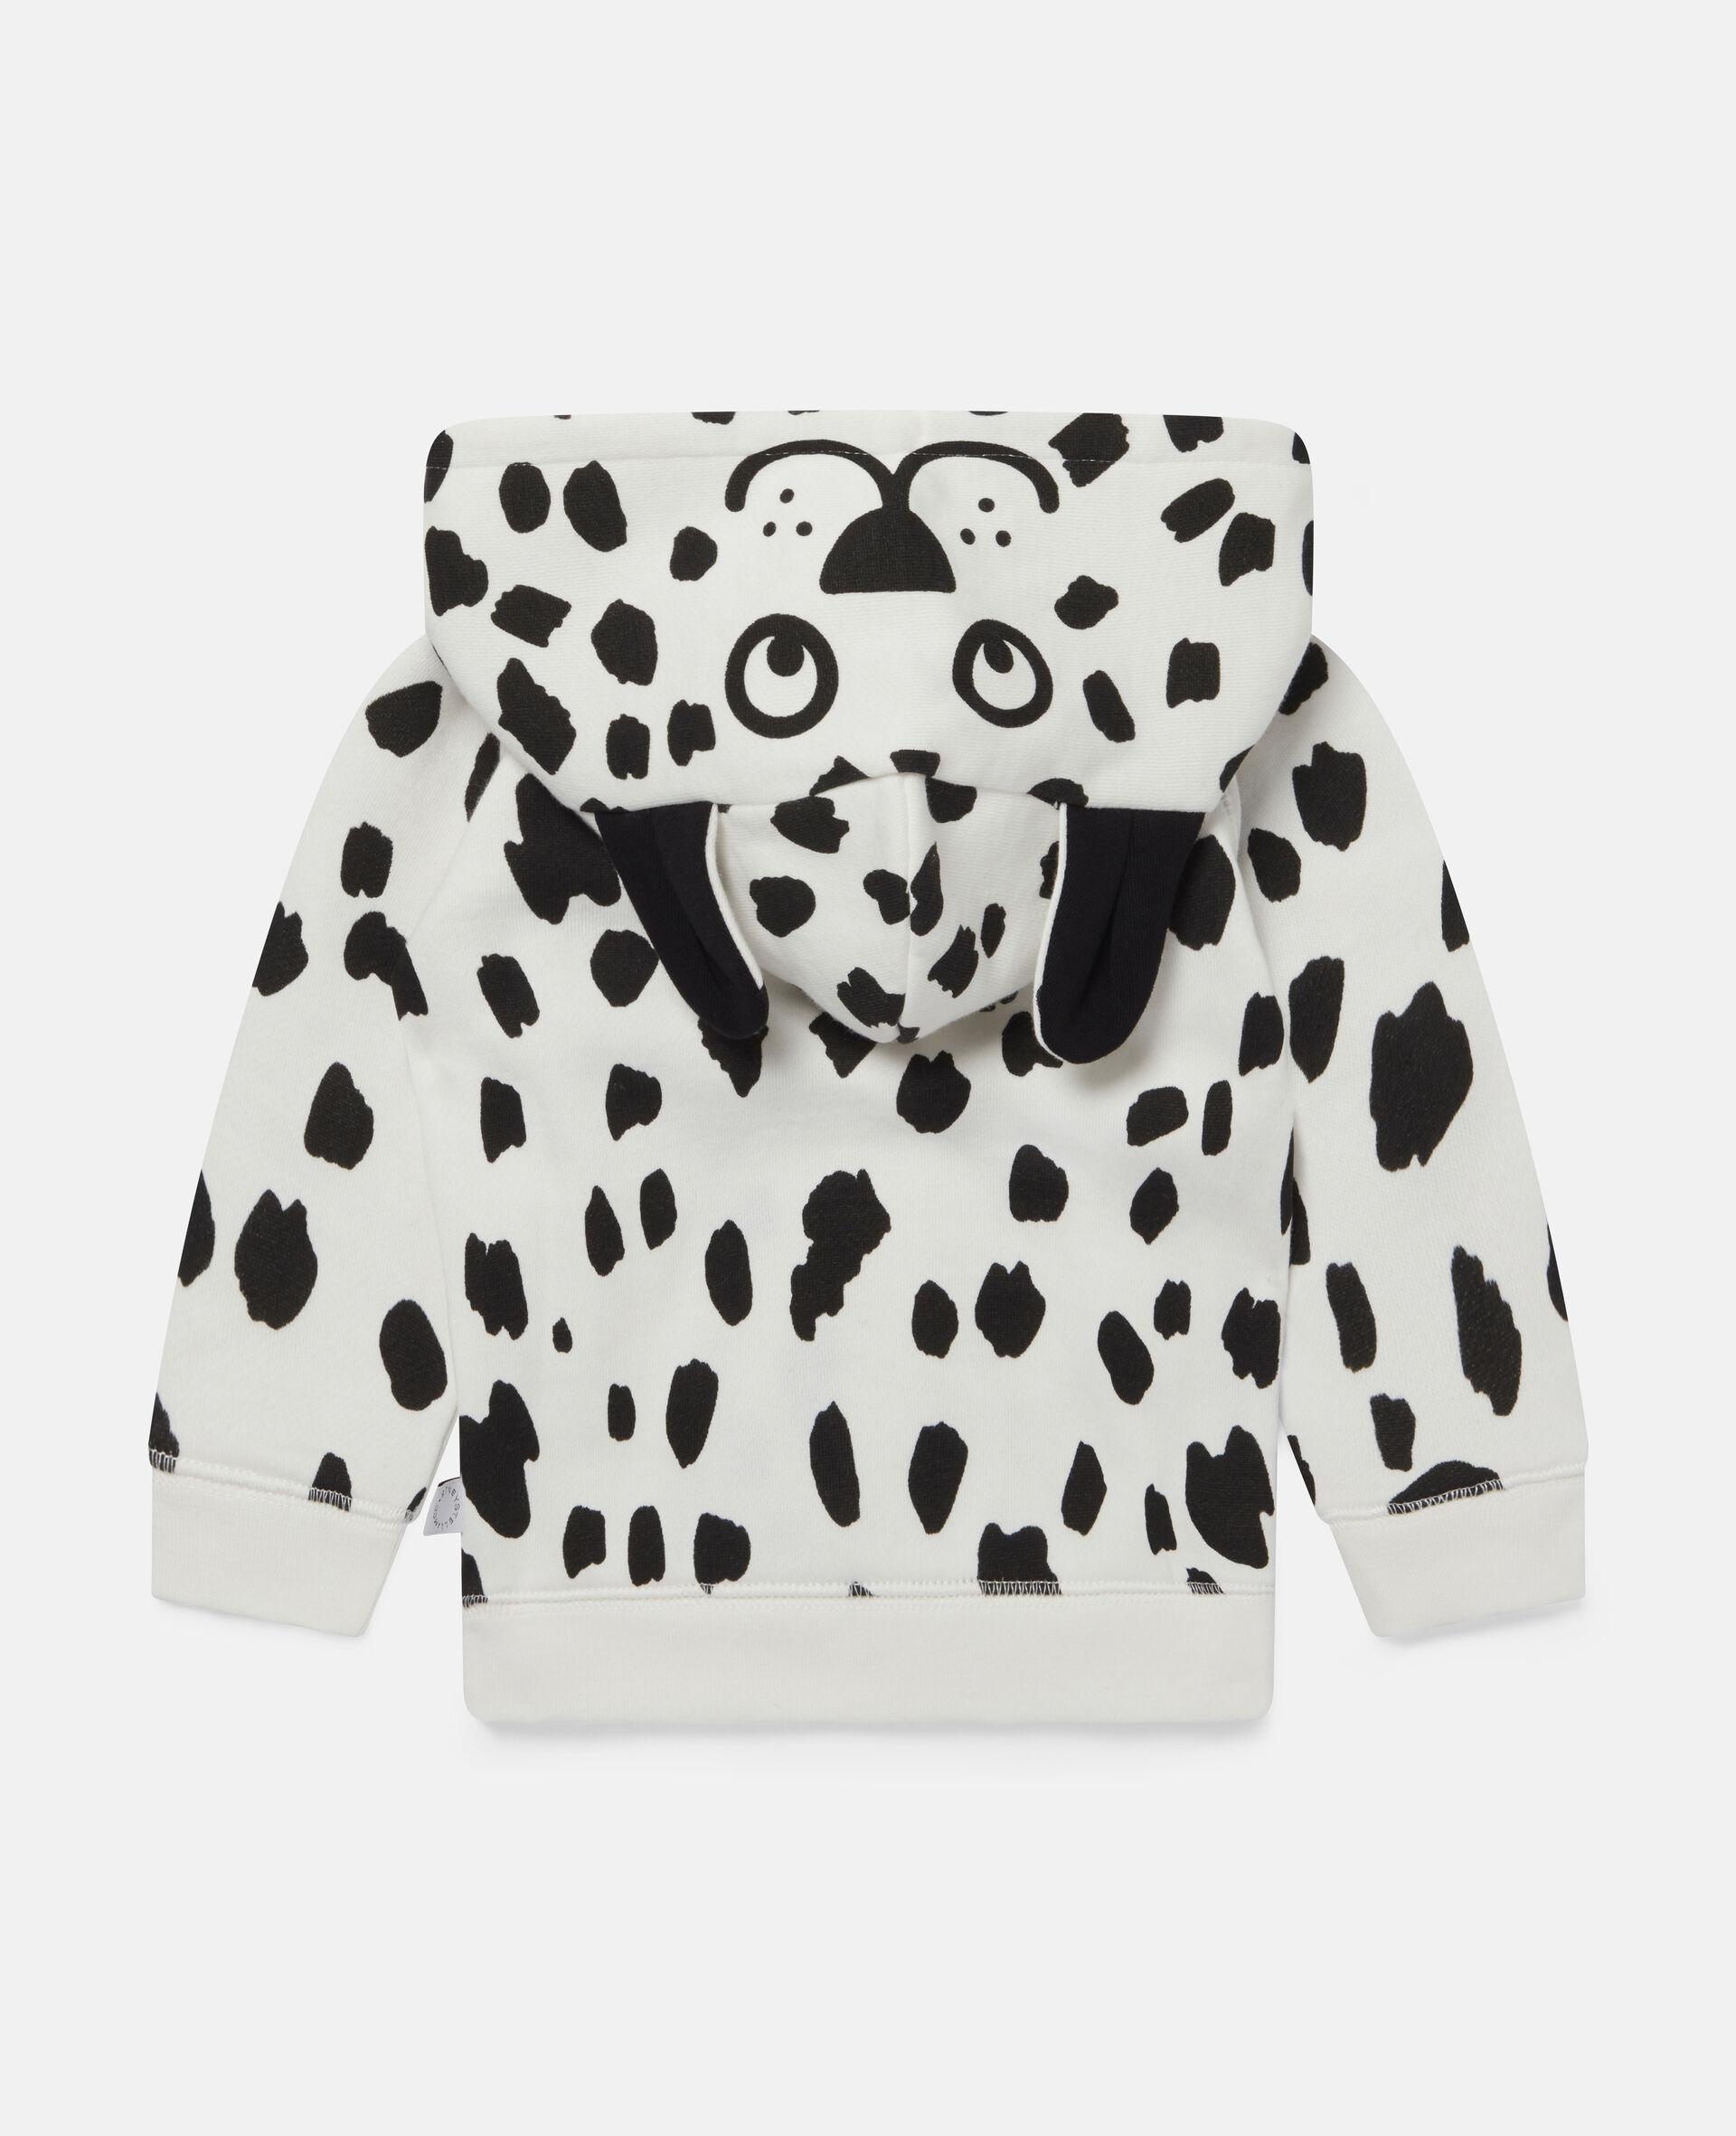 Kapuzenpullover aus Fleece mit Dalmatinerflecken-Weiß-large image number 3